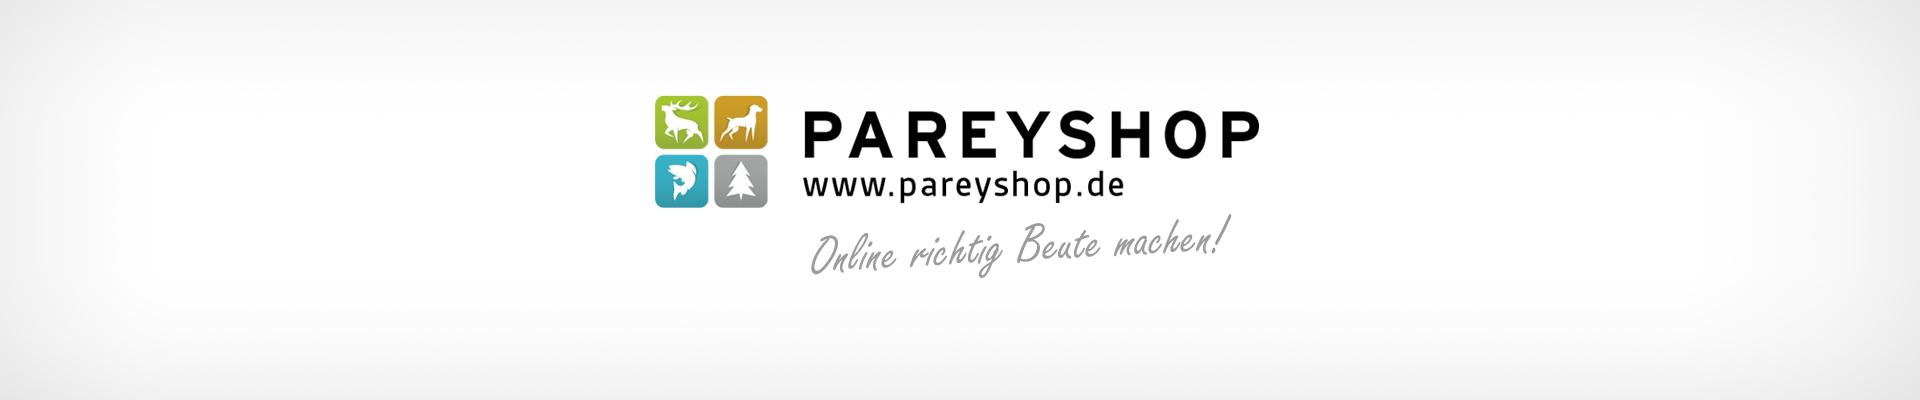 27fc3a4466fc24 Startseite - Paul Parey Zeitschriftenverlag GmbH